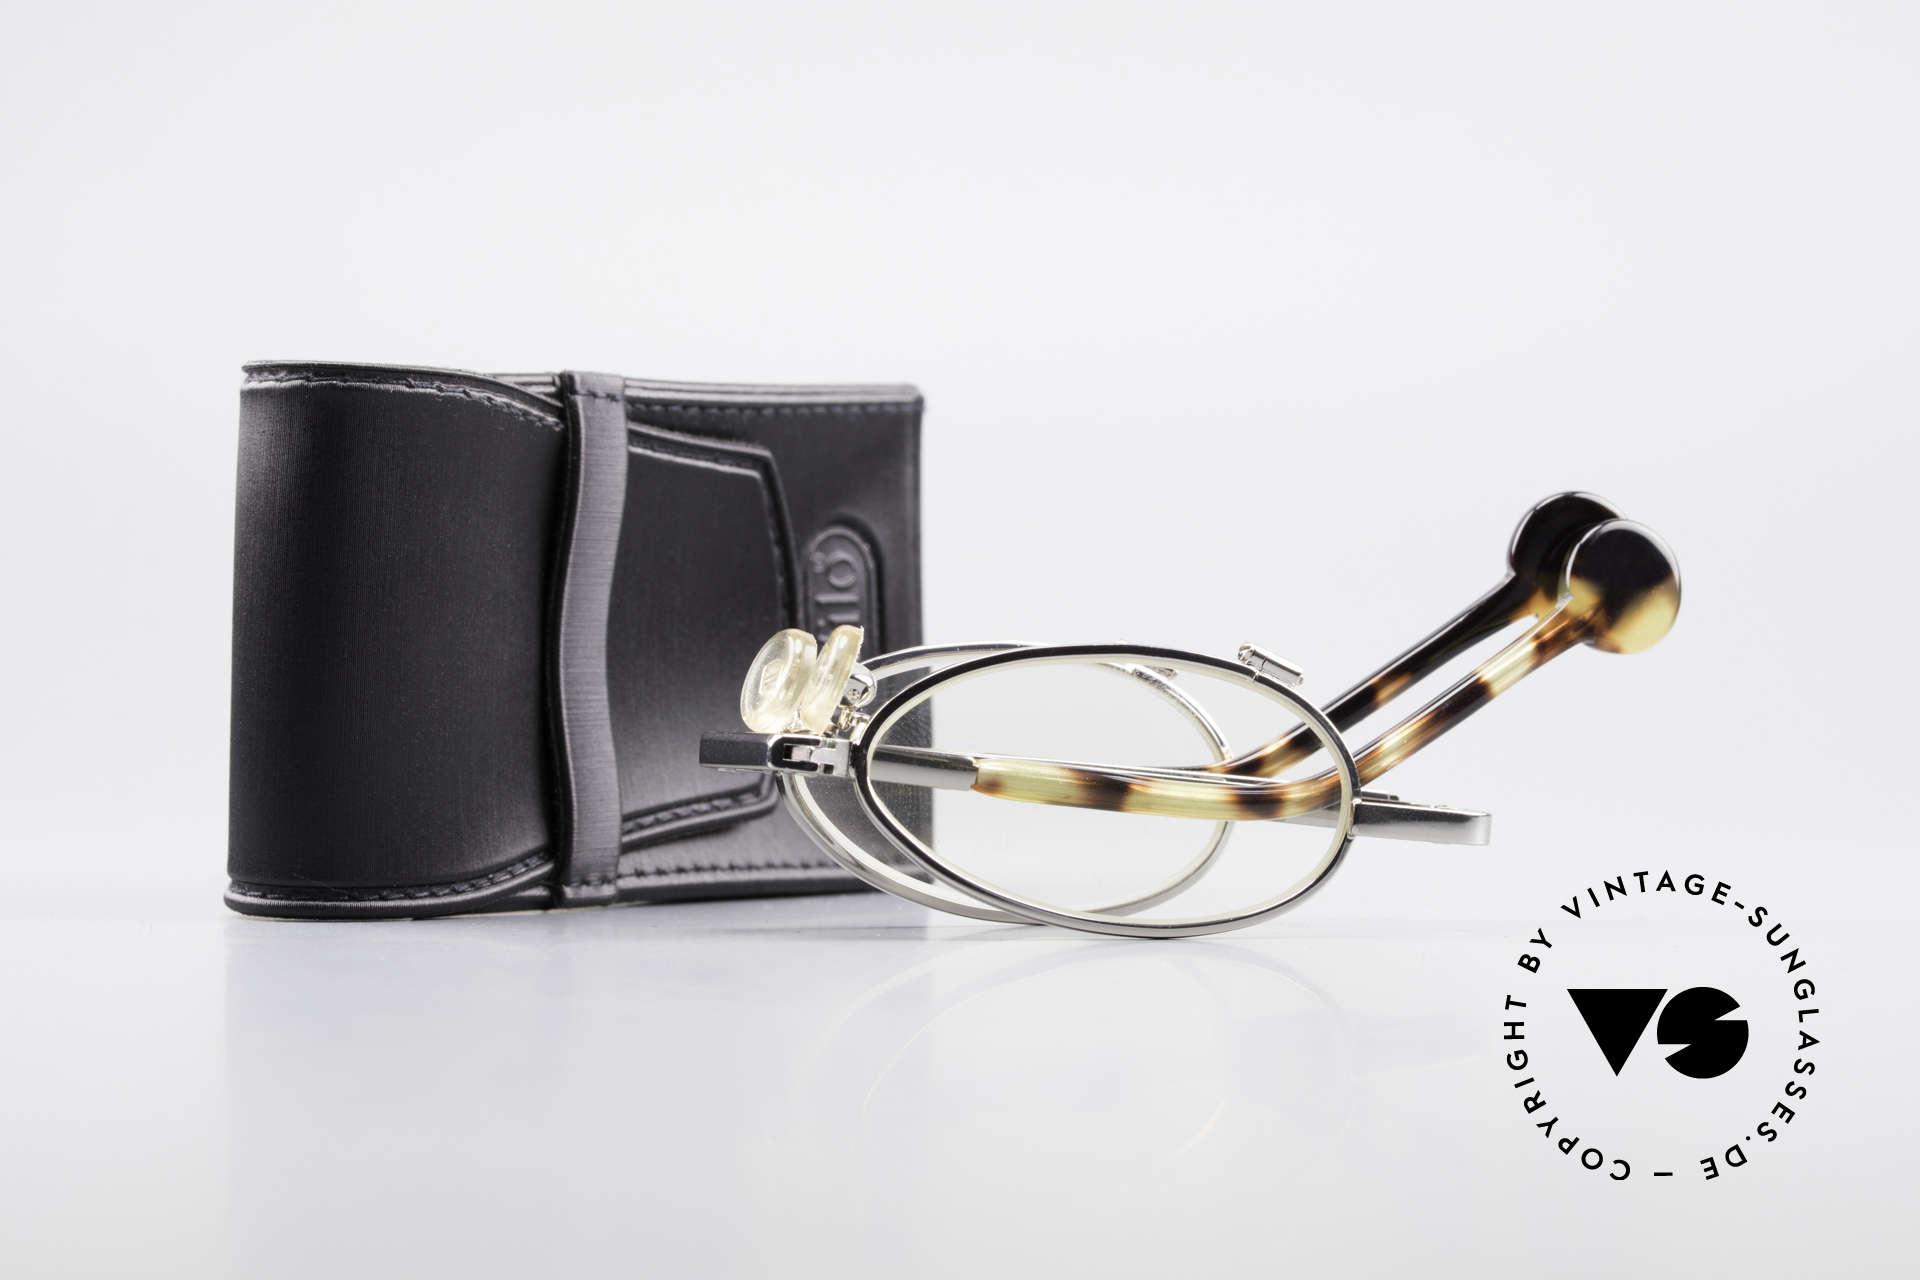 L.A. Eyeworks TIO 405 Faltbrille Brille zum Falten, Größe: medium, Passend für Herren und Damen